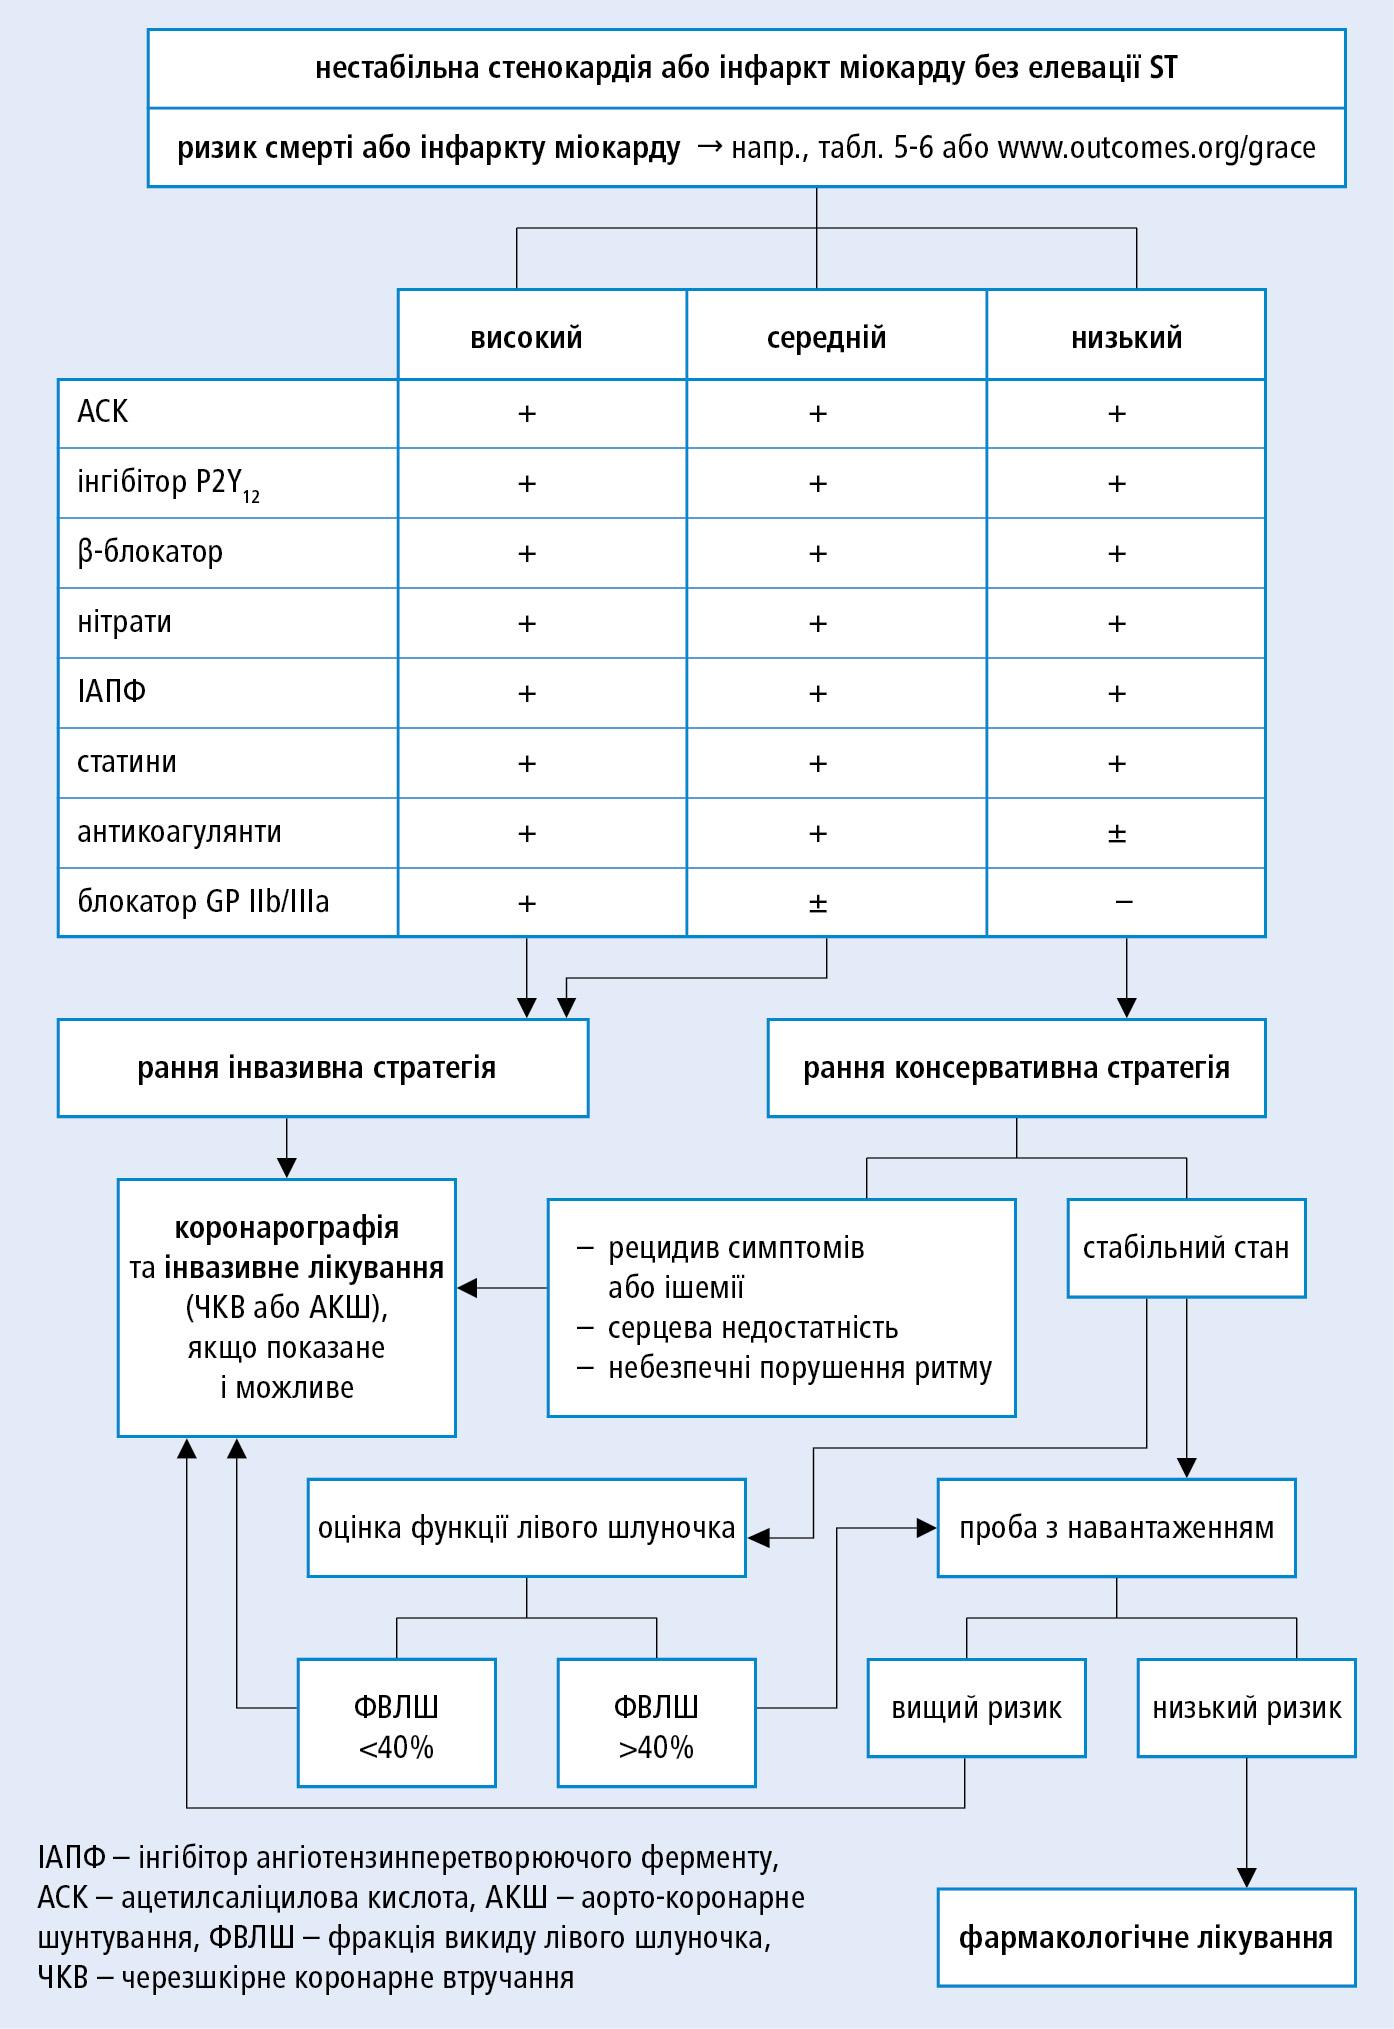 Алгоритм дій при нестабільній стенокардії або при інфаркті міокарда без елевації ST (згідно зрекомендаціями ESC 2007 i2011 тарекомендаціями ESC іEACTS 2014, змодифікованими)